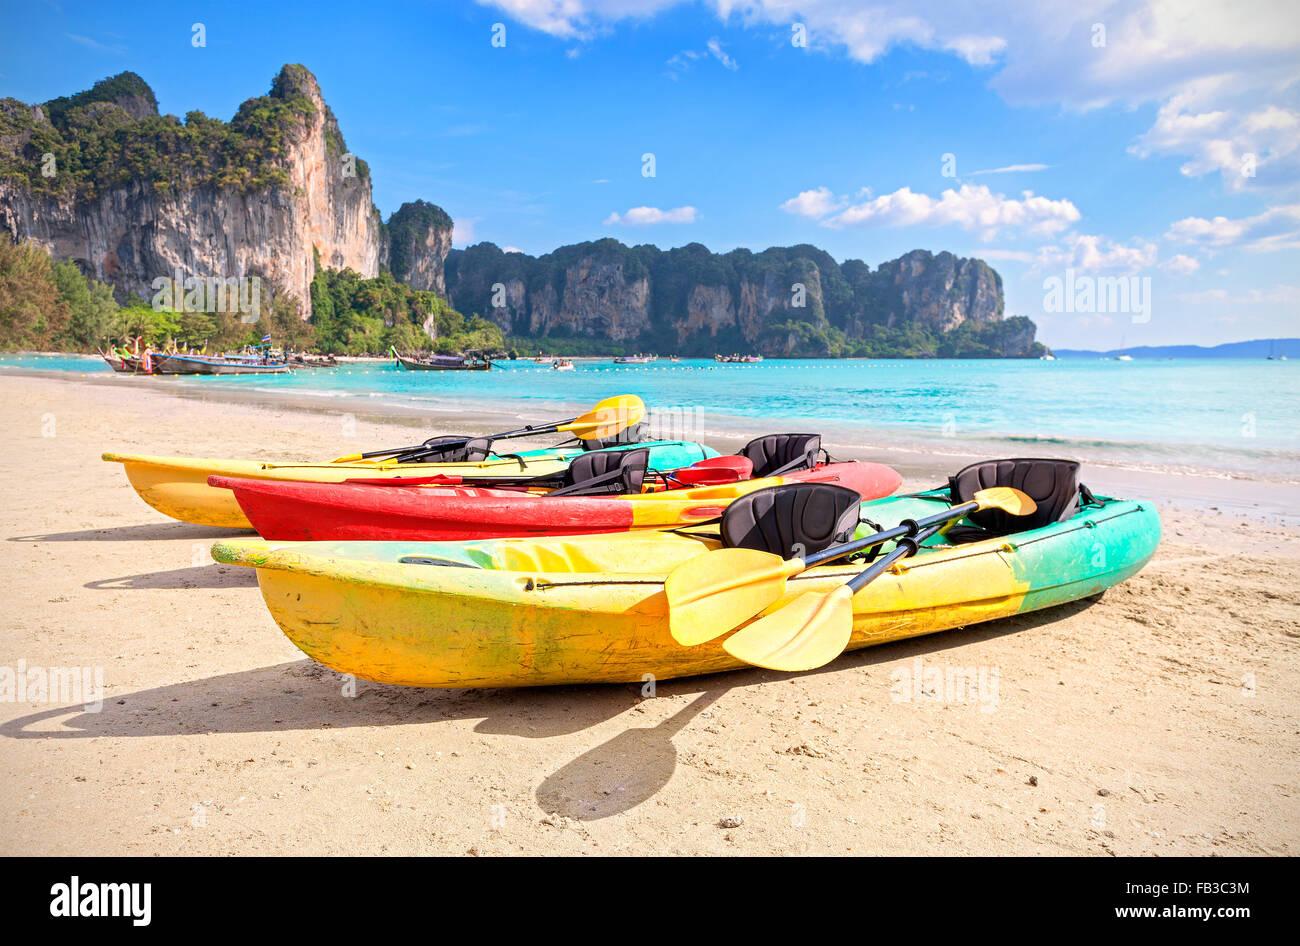 Kayaks en una playa tropical, vacaciones activas, concepto. Imagen De Stock